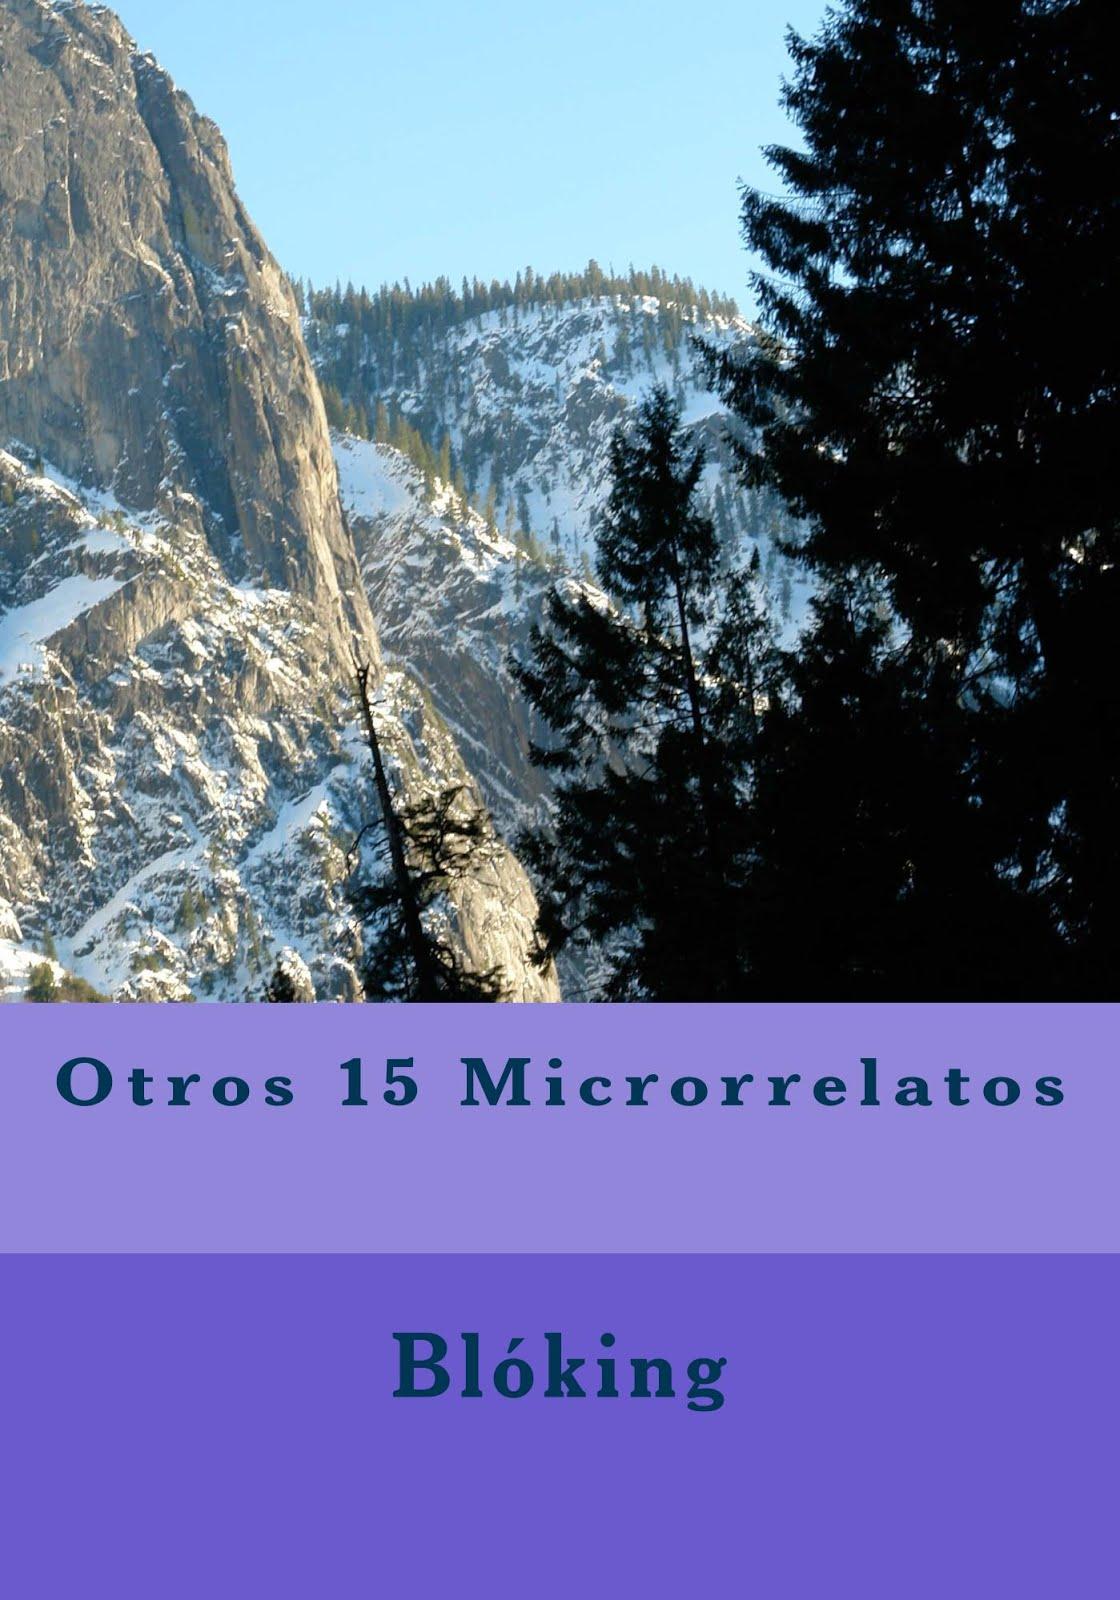 #Otros 15 Microrrelatos (en papel, en tapa blanda)